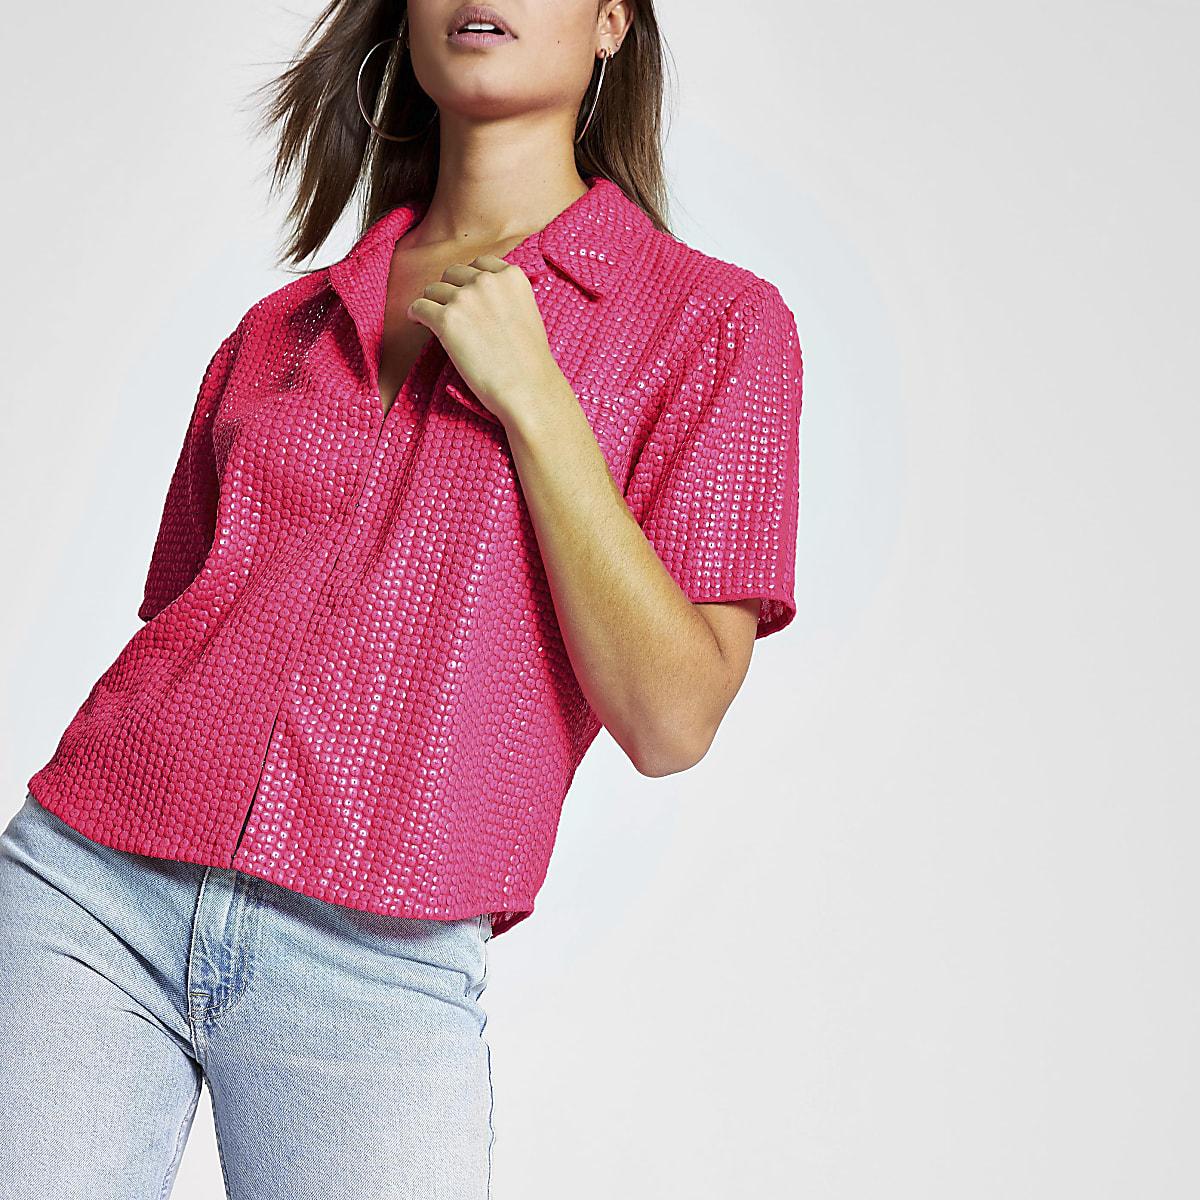 Pink sequin embellished shirt